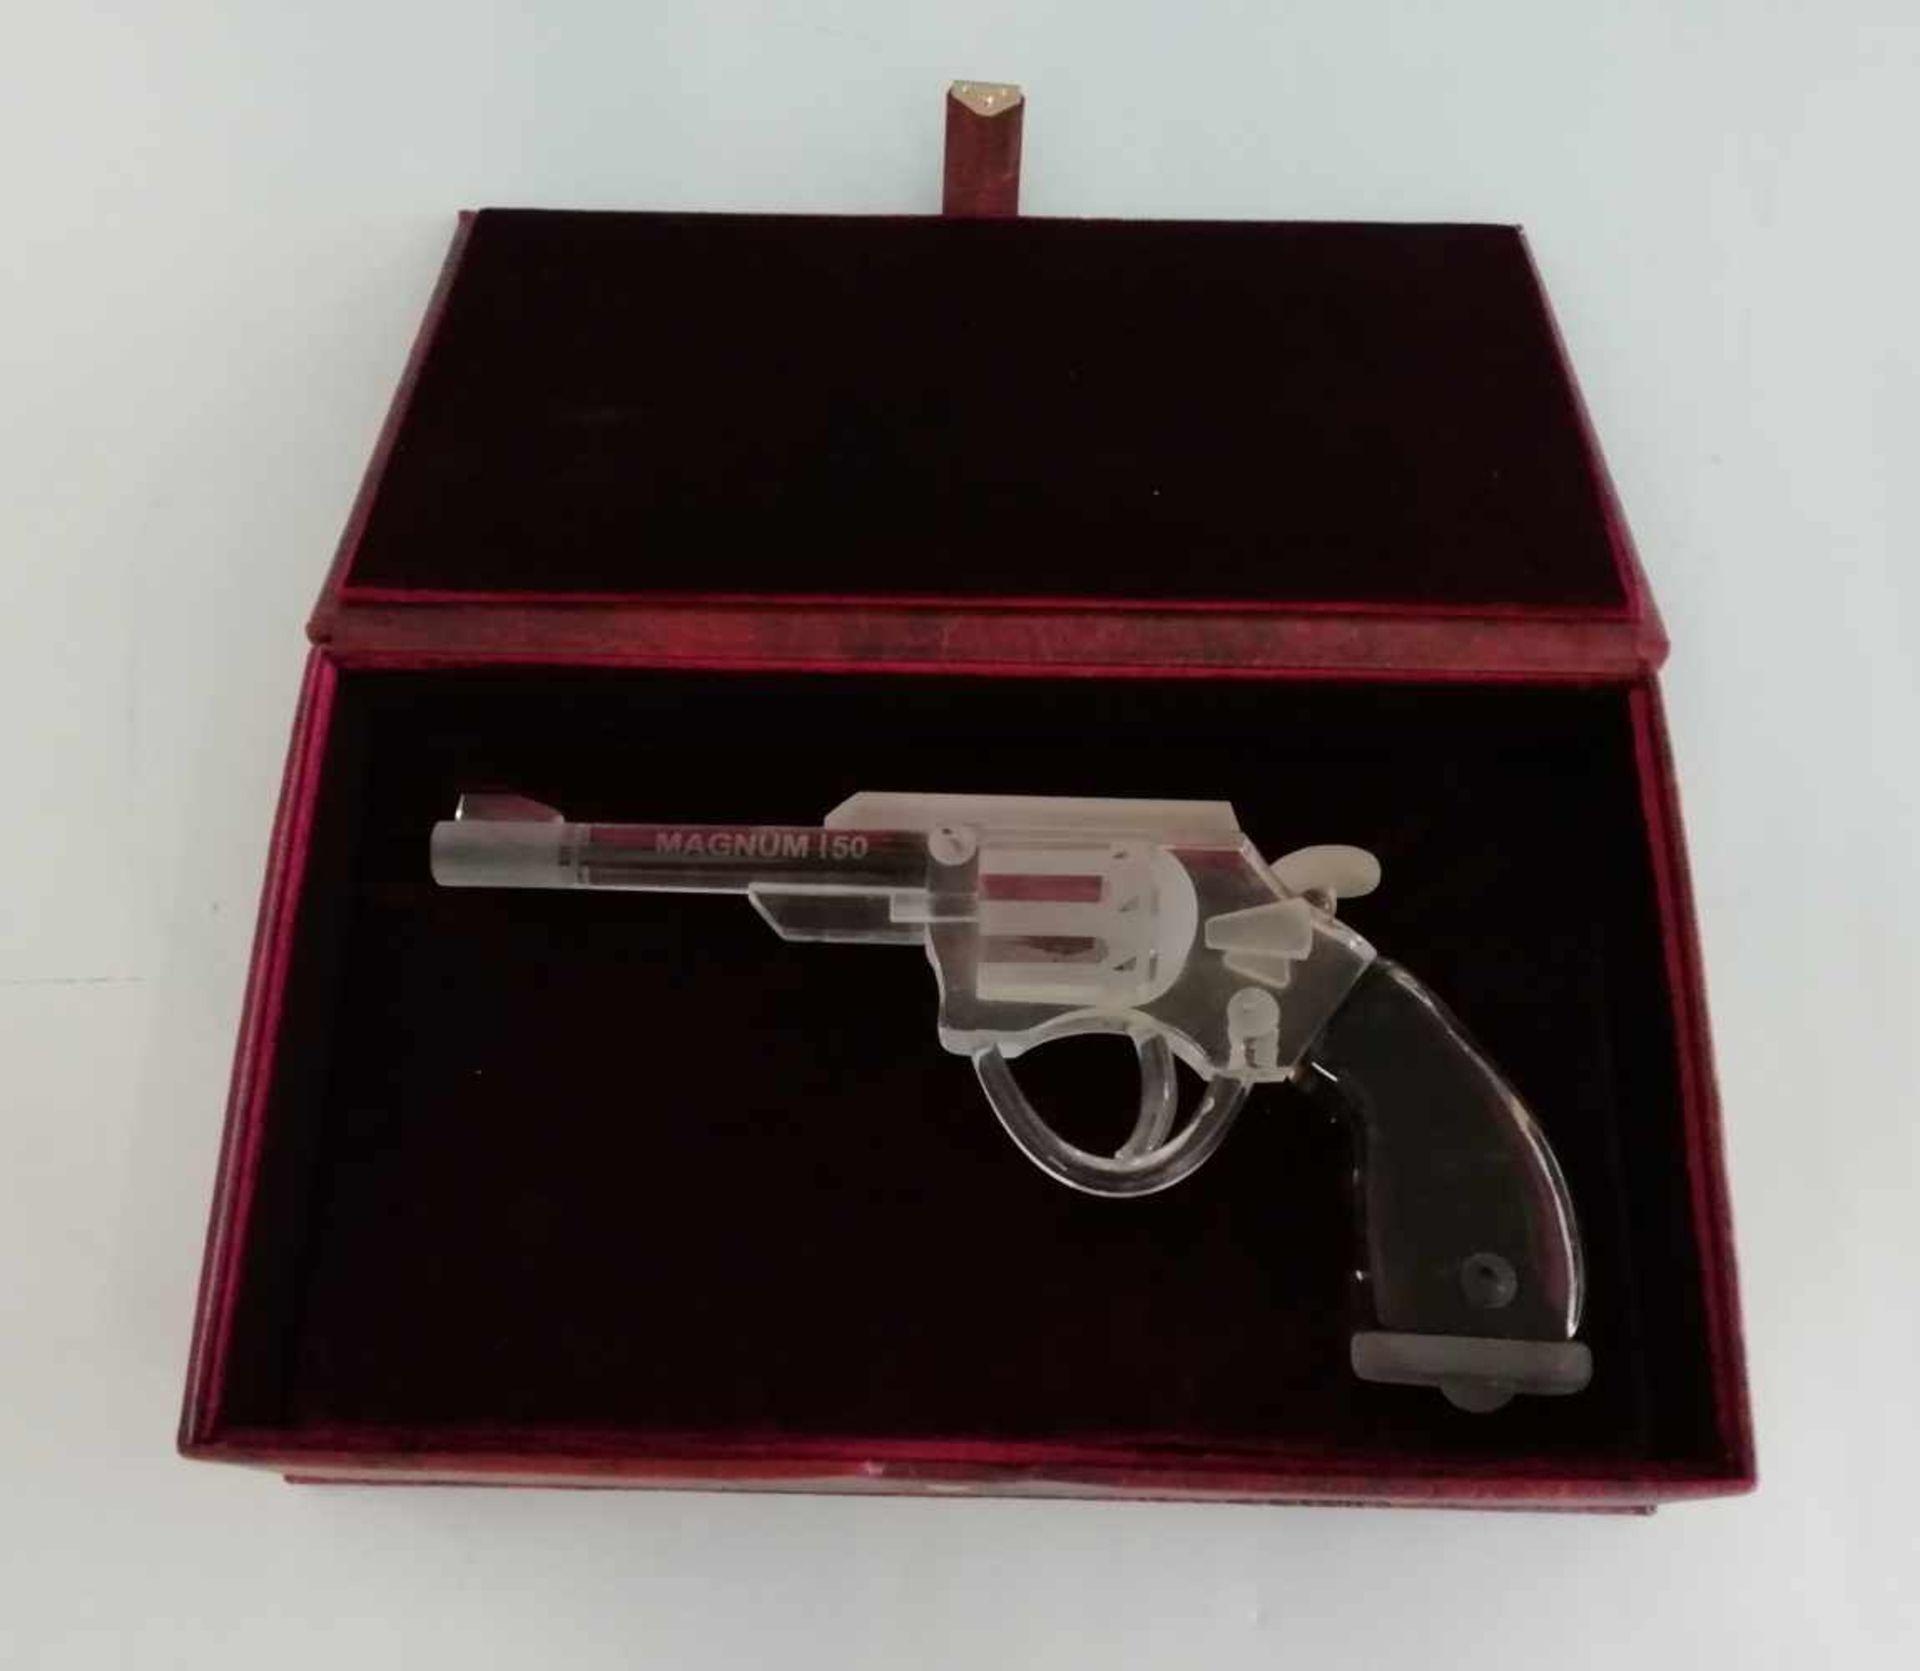 Los 50 - Glasobjekt, Colt Magnum 50farbloses Glas, braunes Fadenglas, Länge ca.27cm, Sonderanfertigung, in